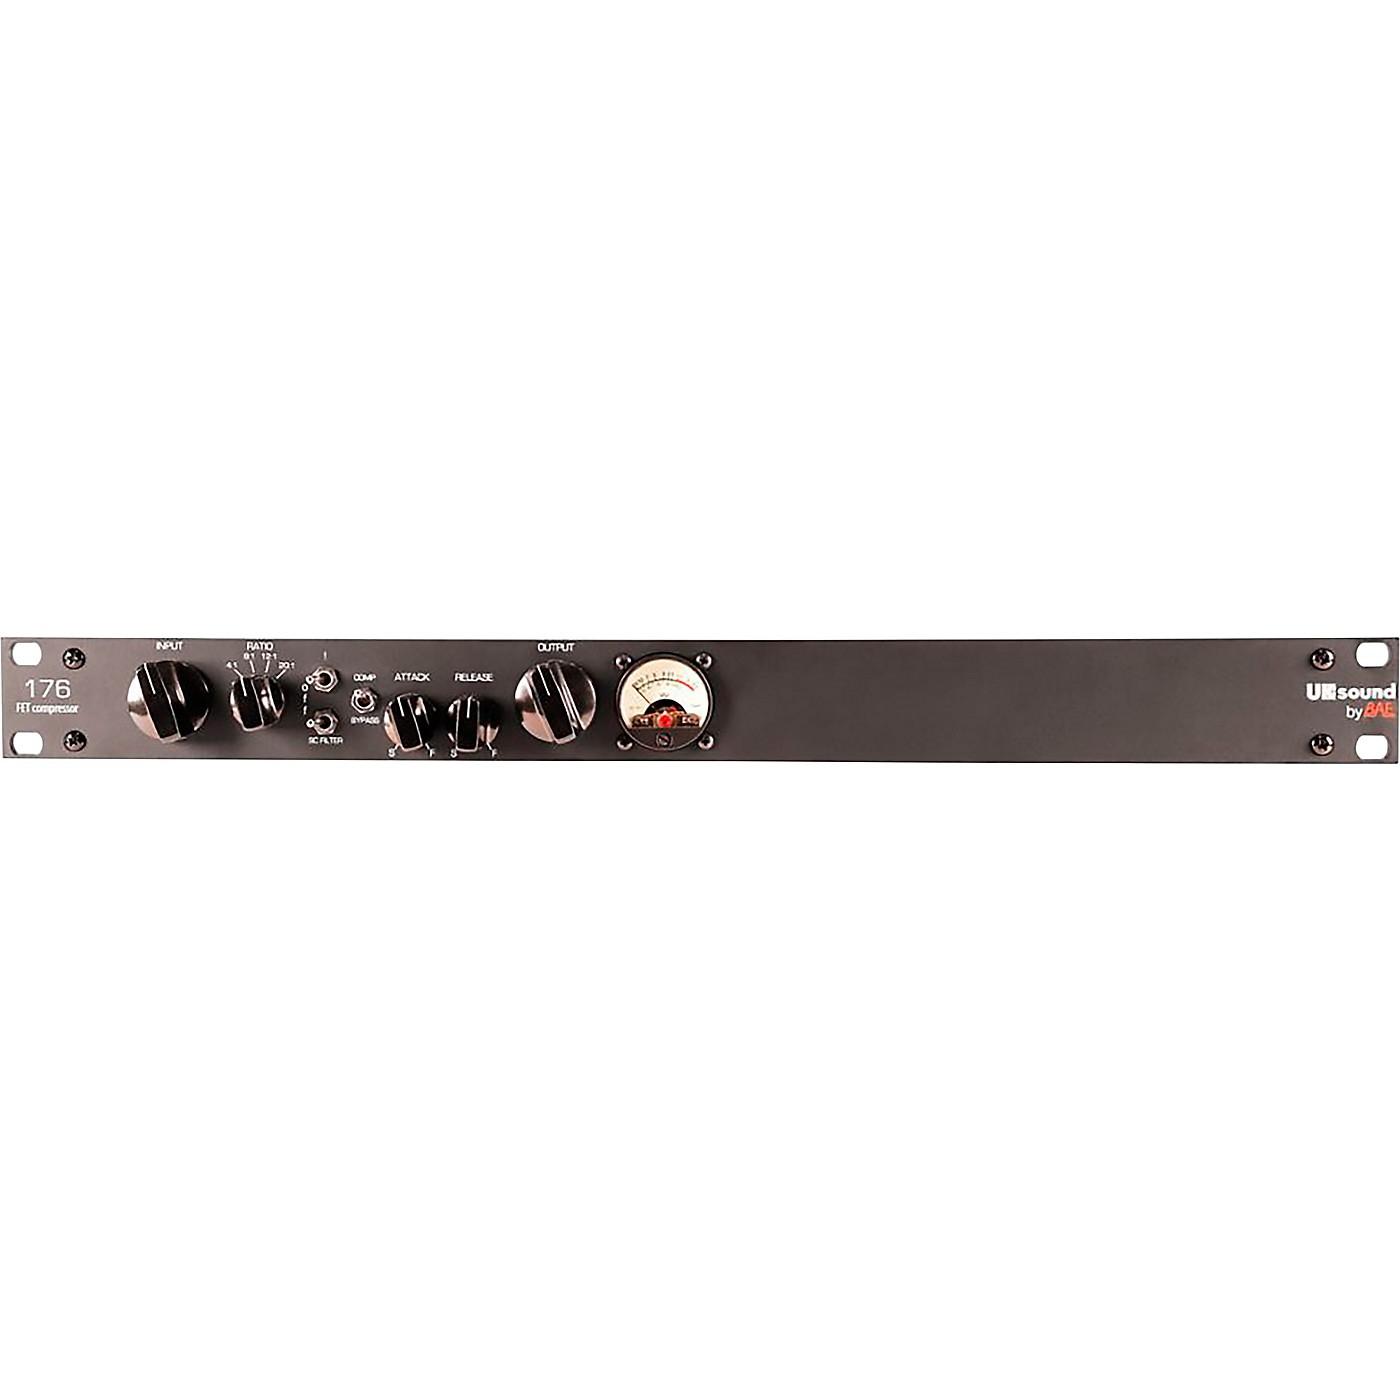 UK Sound 176 FET Compressor thumbnail